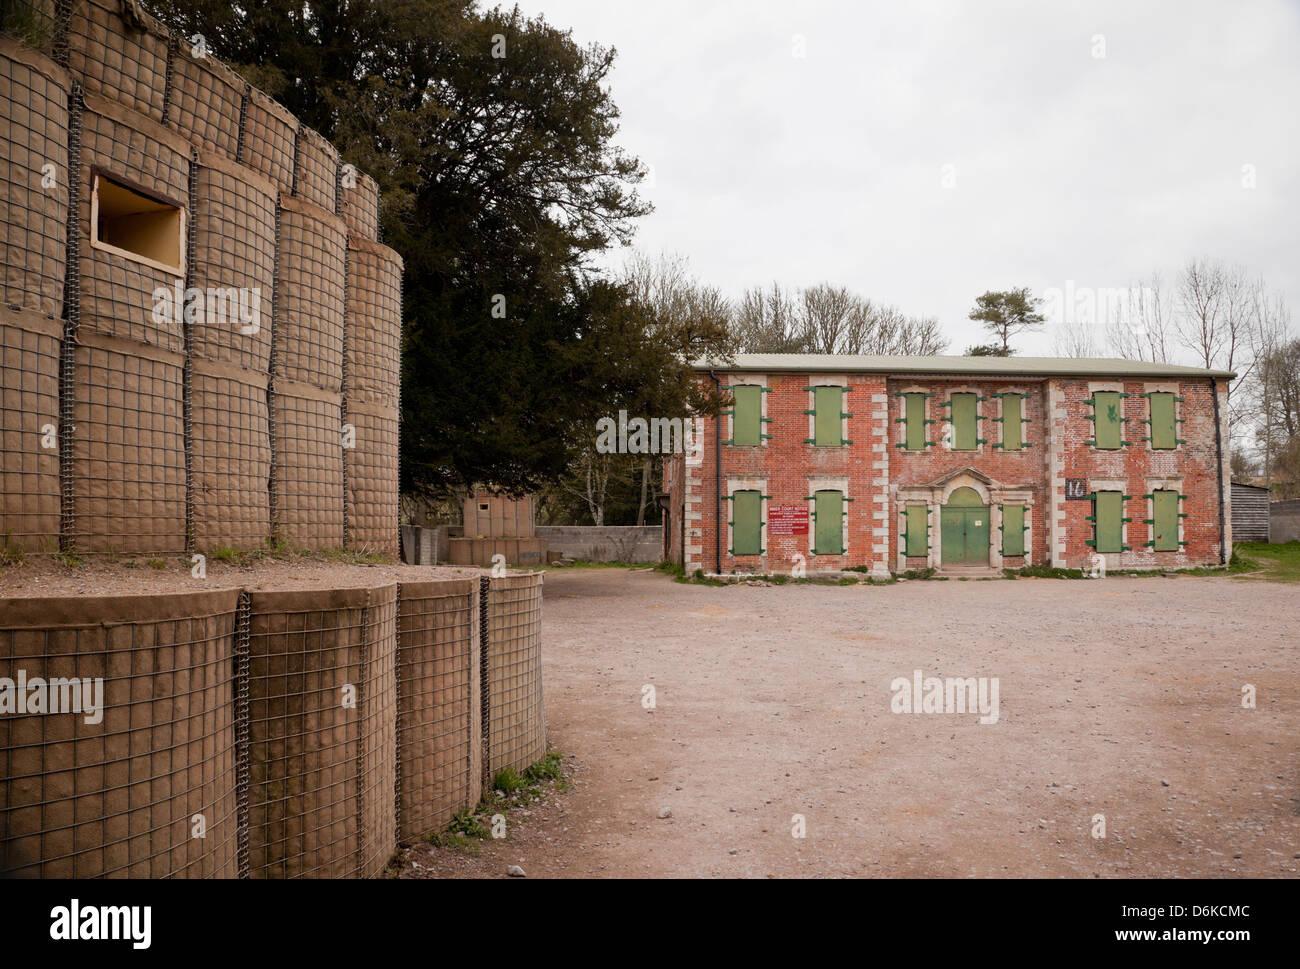 Imber Court, Imber, Salisbury Plain, Wiltshire - Stock Image